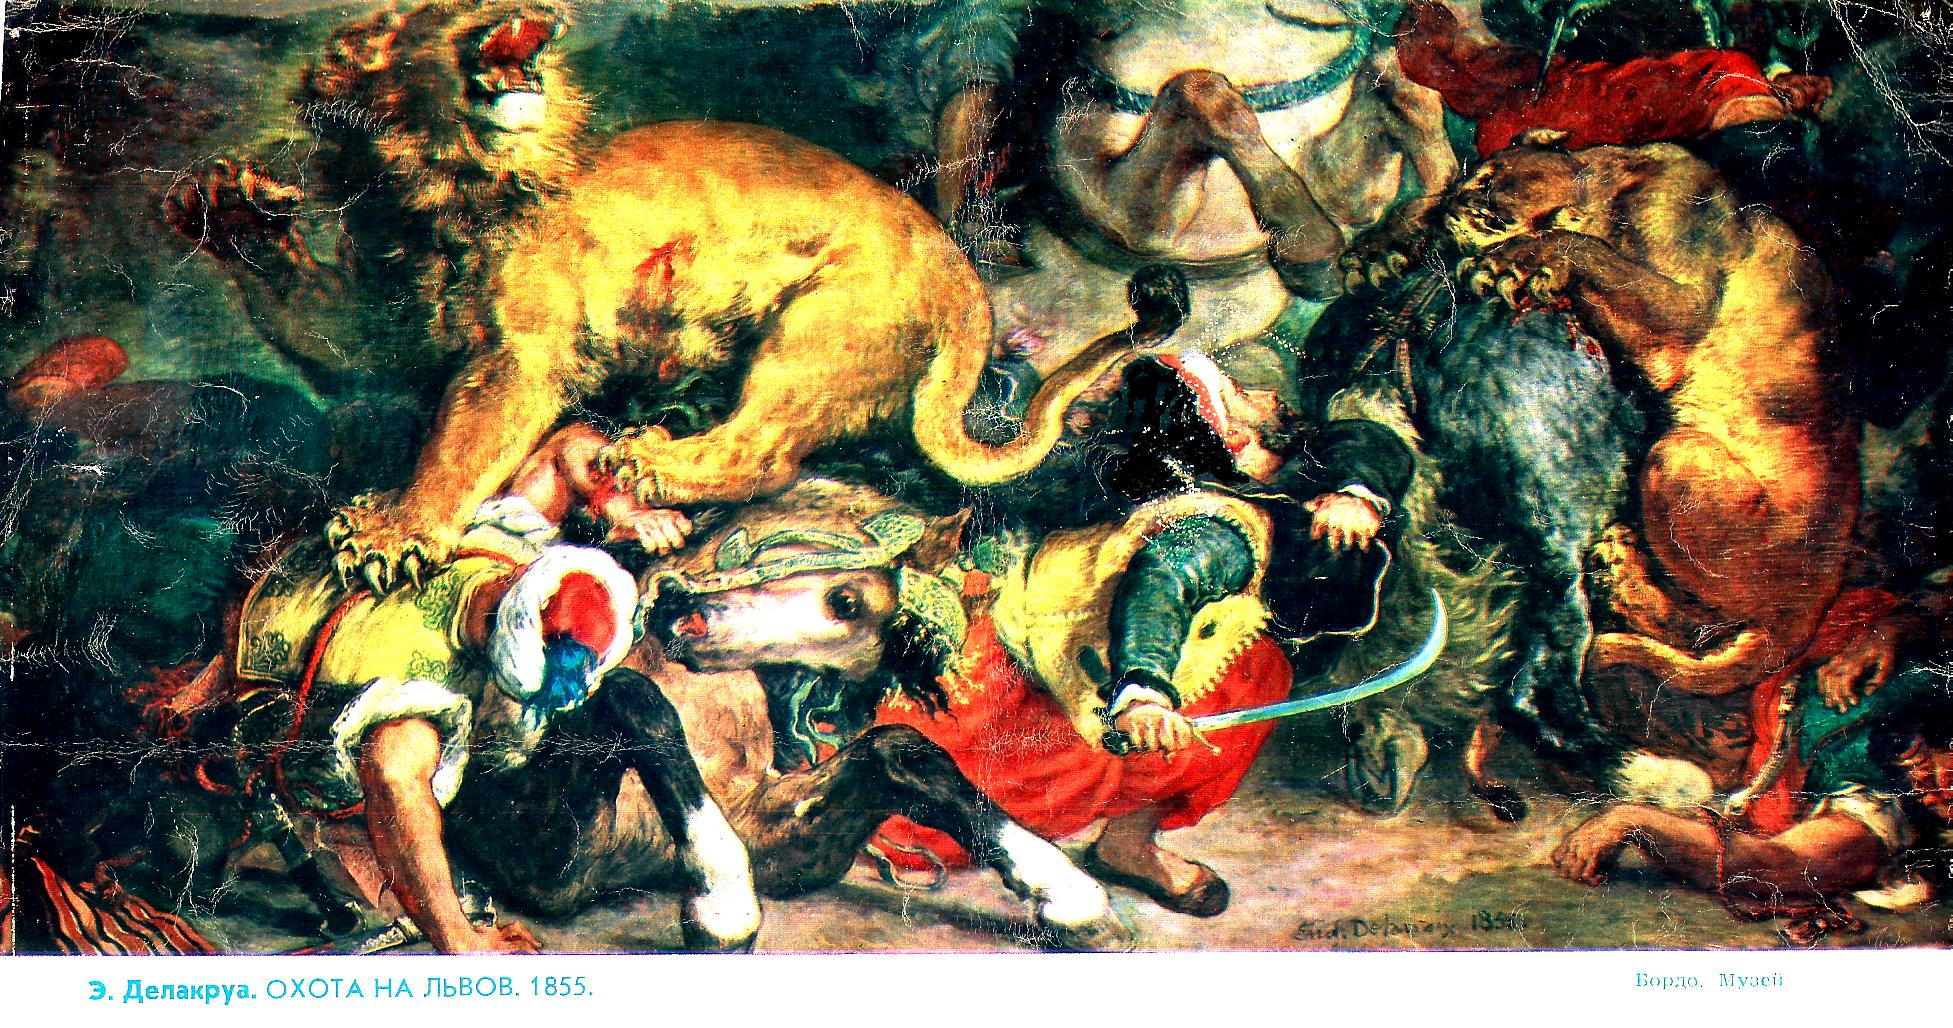 охота на львов в марокко картинки газовые